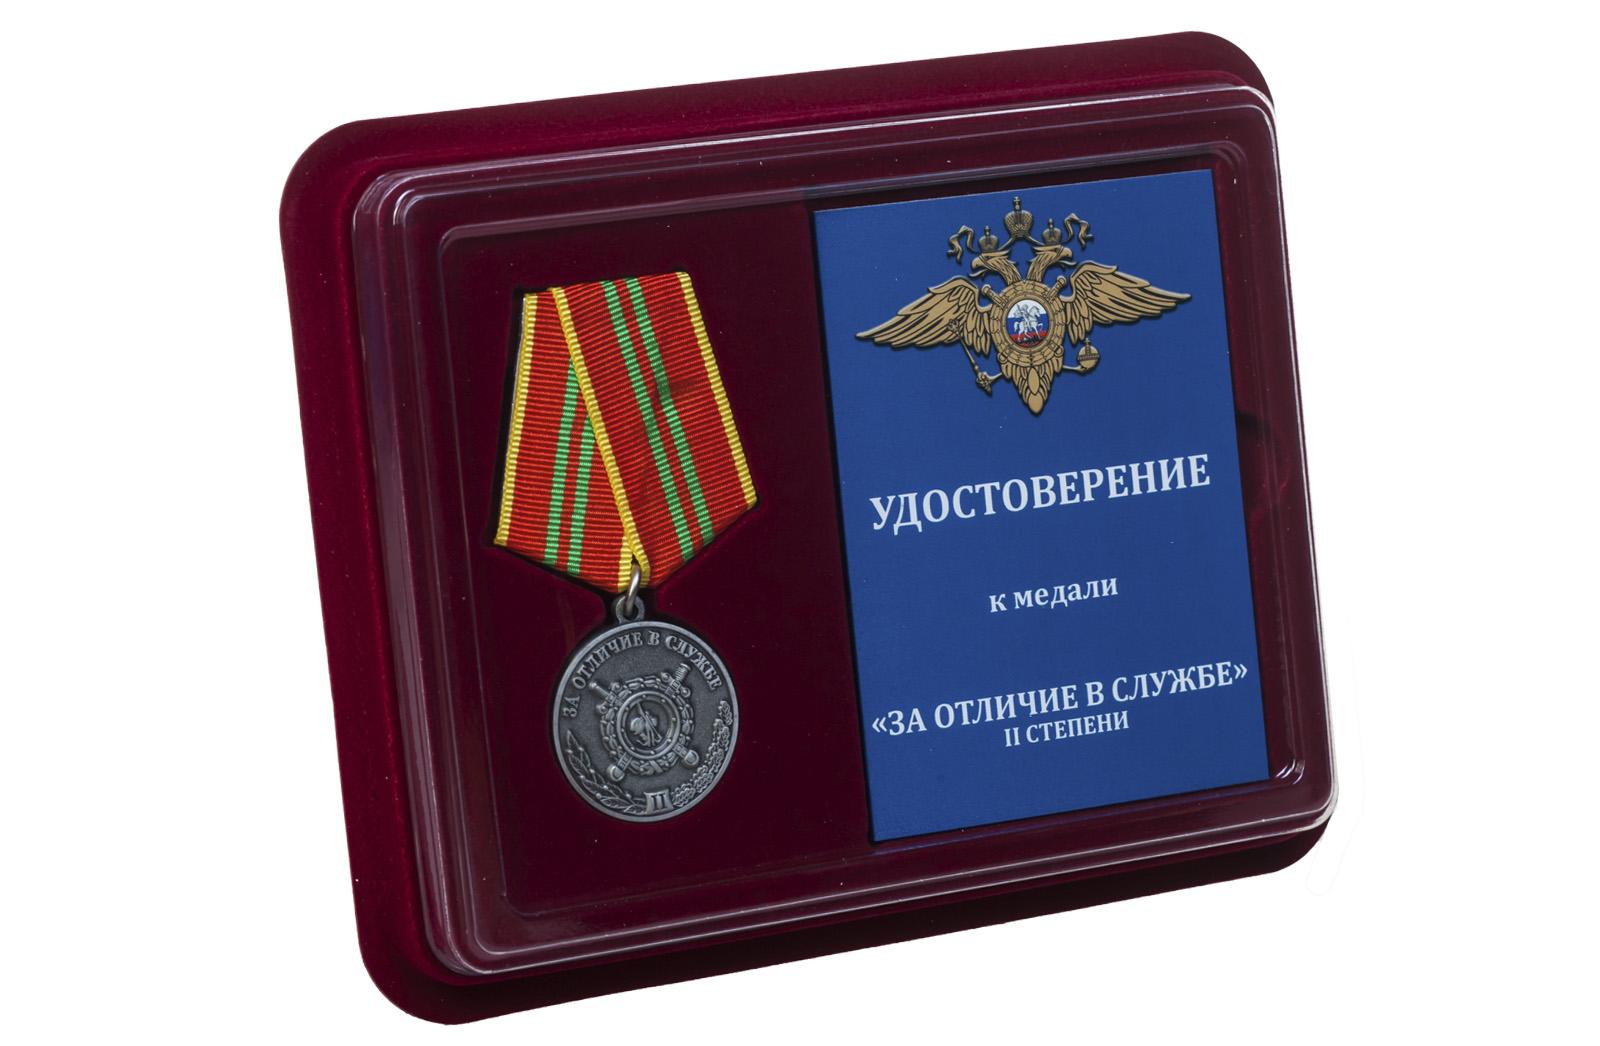 Купить медаль МВД РФ За отличие в службе 2 степени оптом или в розницу